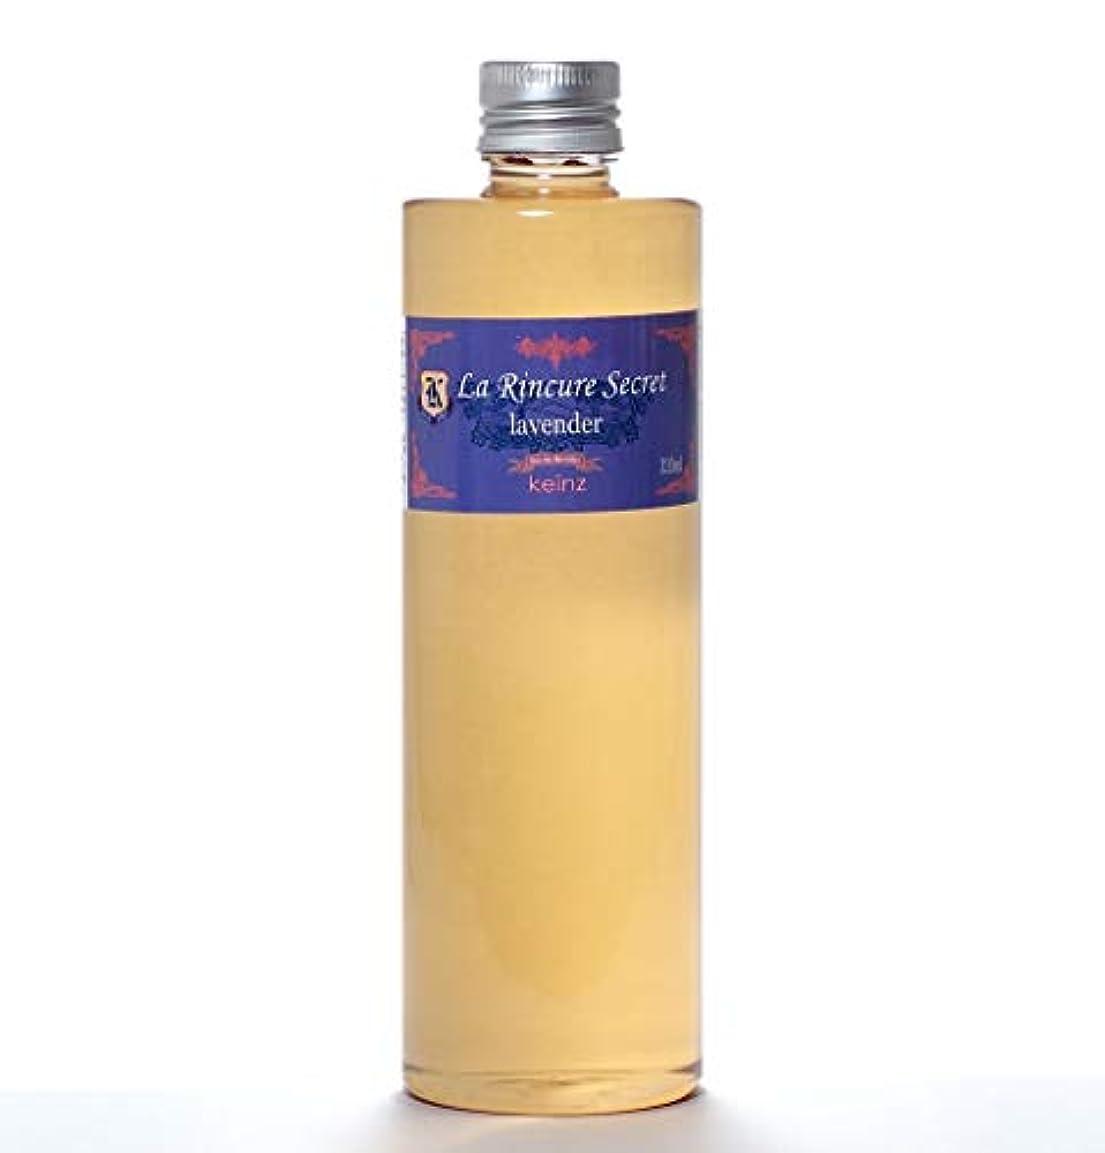 行為おなかがすいた追い出すkeinz 石鹸シャンプー専用(合成シャンプーには使えません) ラヴェンダーの花(フランス産)で作った気持ちの良いハーブトリートメント 『秘密のすすぎ水/ラヴェンダー』完全無添加 化学薬品不使用 420g(約130回分/...